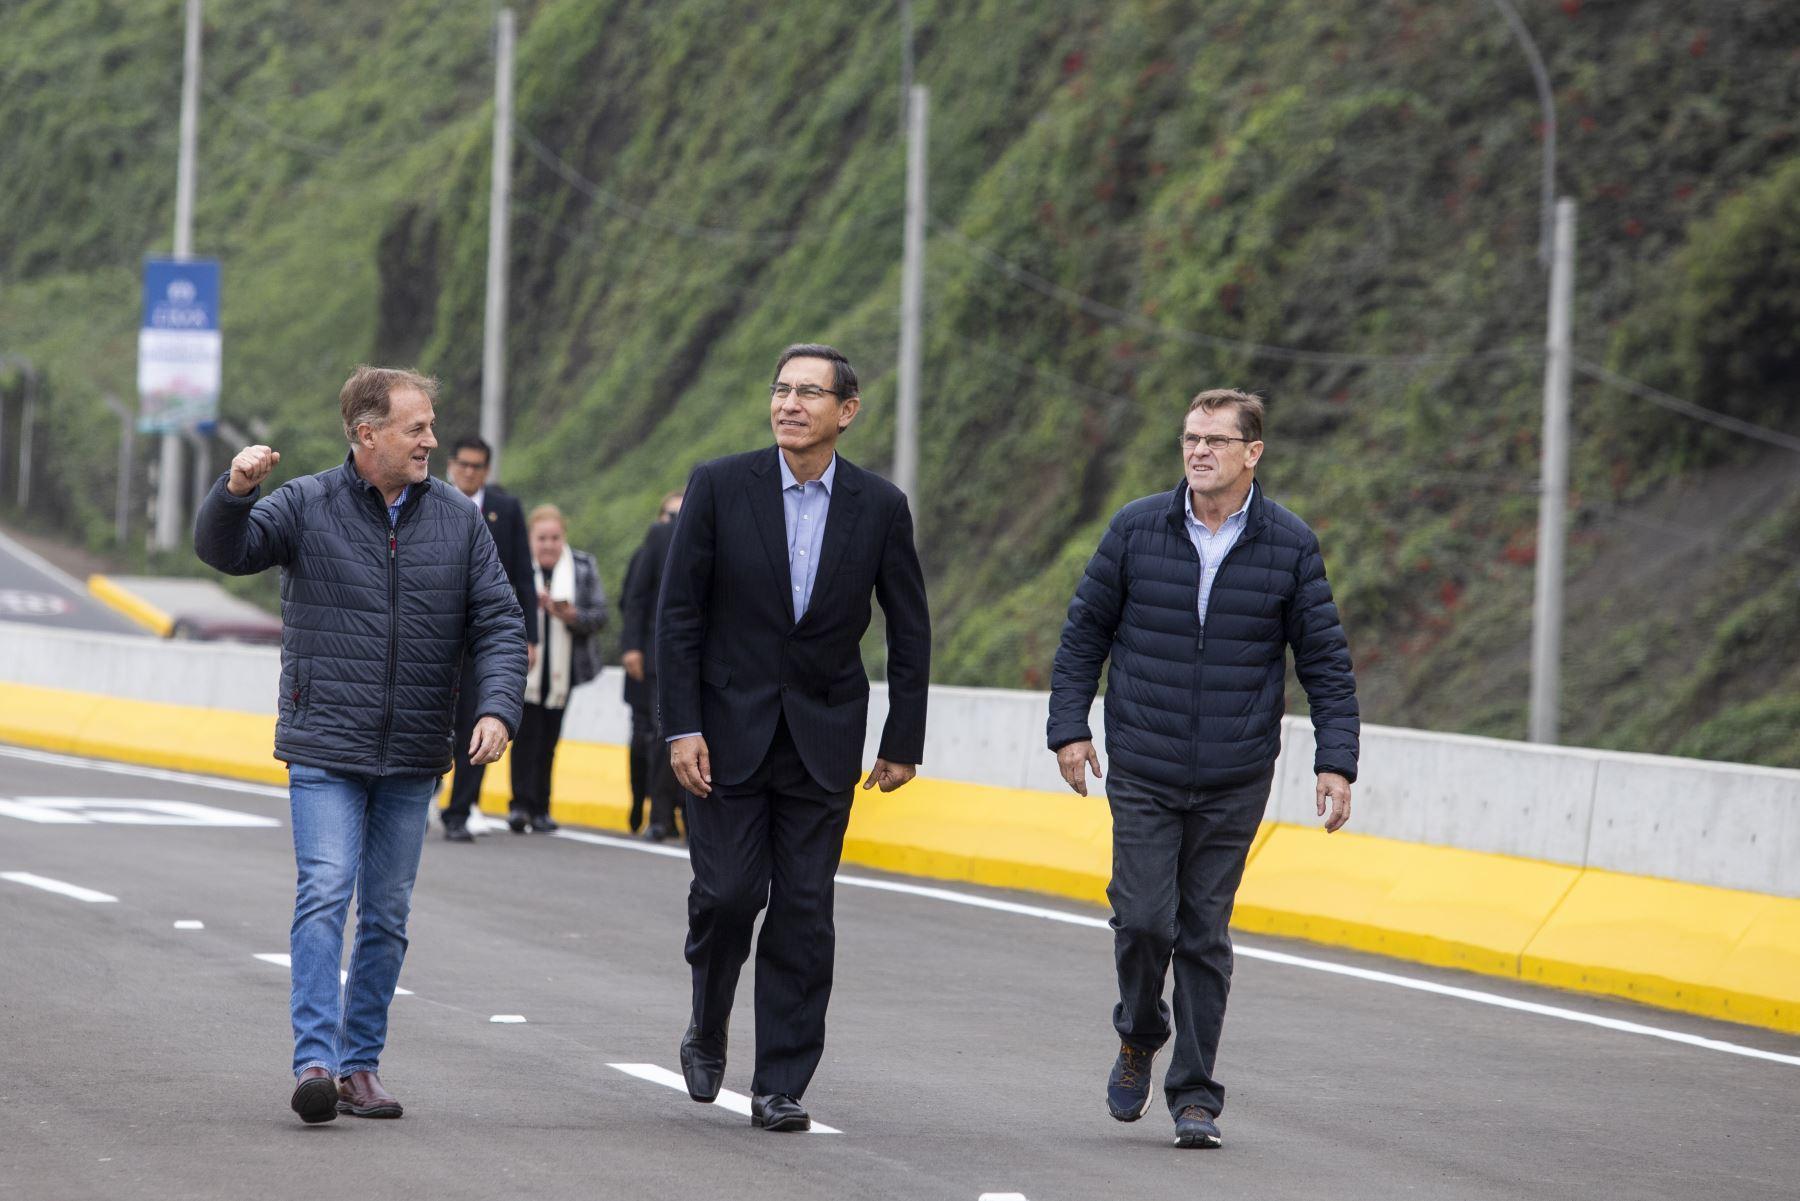 Presidente de la República, Martín Vizcarra, el alcalde de Lima, Jorge Muñoz y  Carlos Neuhaus, presidente de la Comisión Organizadora de los Juegos Panamericanos Lima 2019 participan de la inauguración del Viaducto Armendáriz.  Foto: ANDINA/Prensa Presidencia